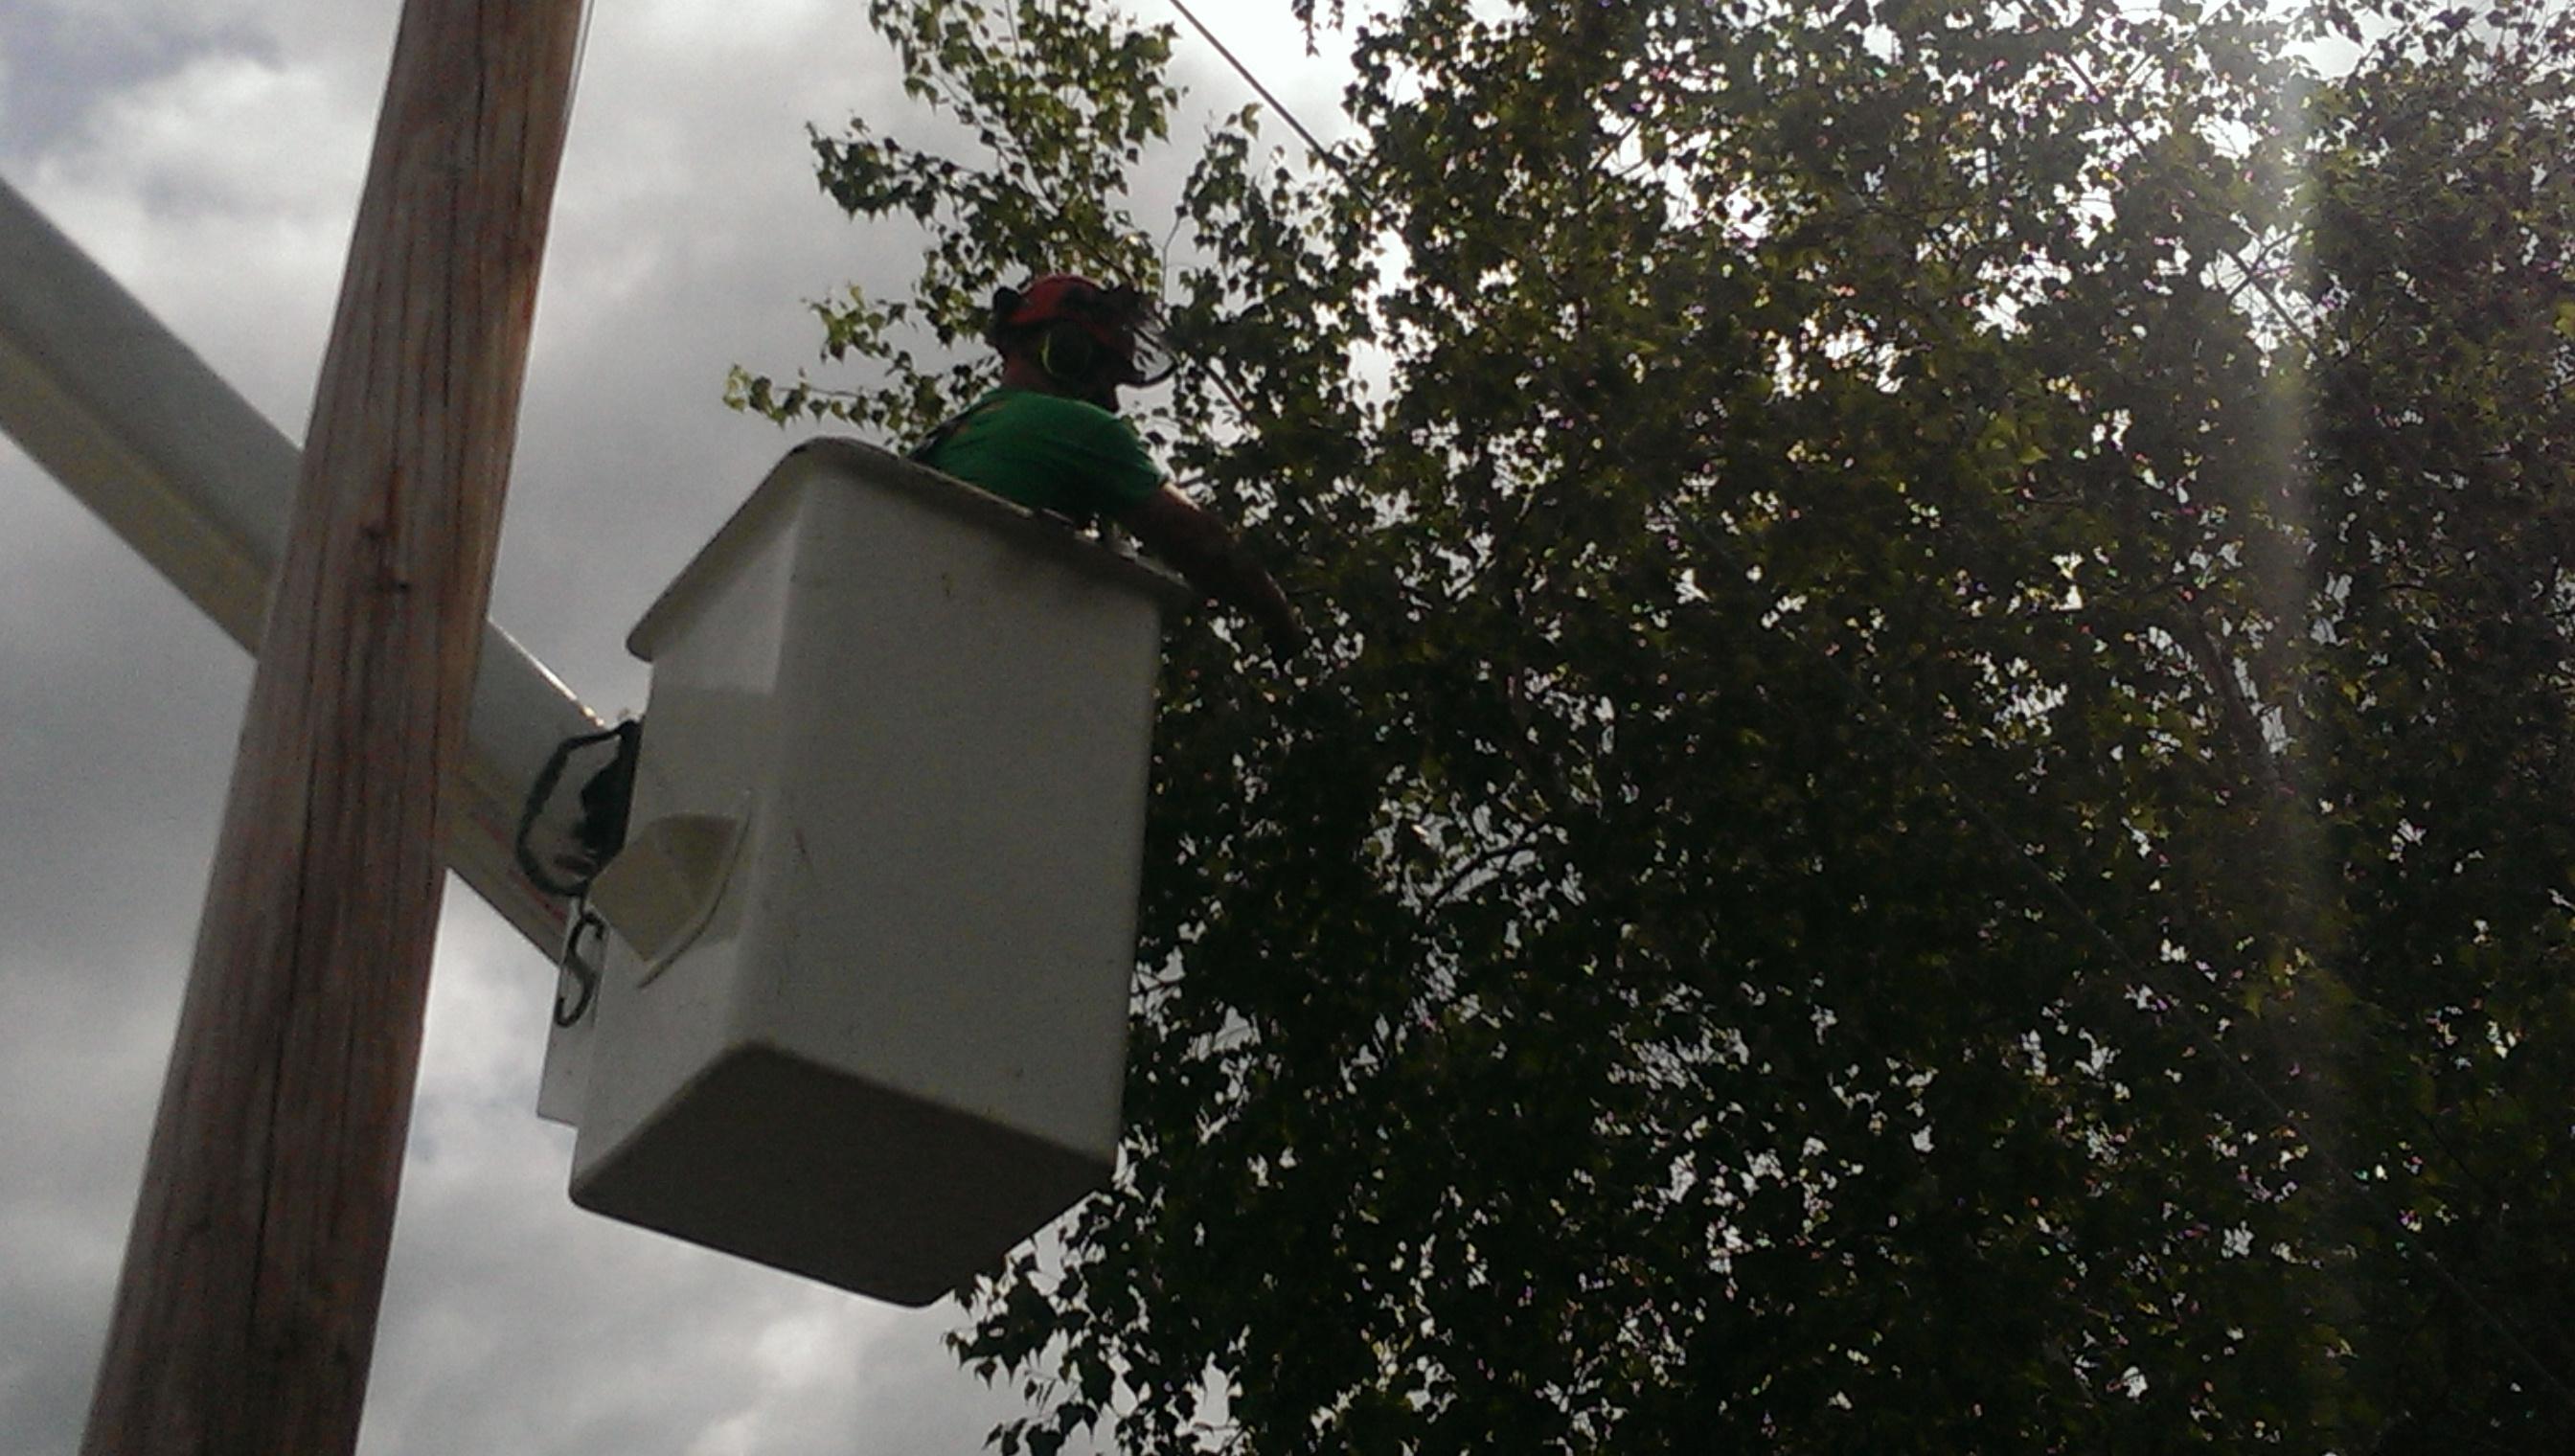 Crane Work Removing Trees in Hollis, NH